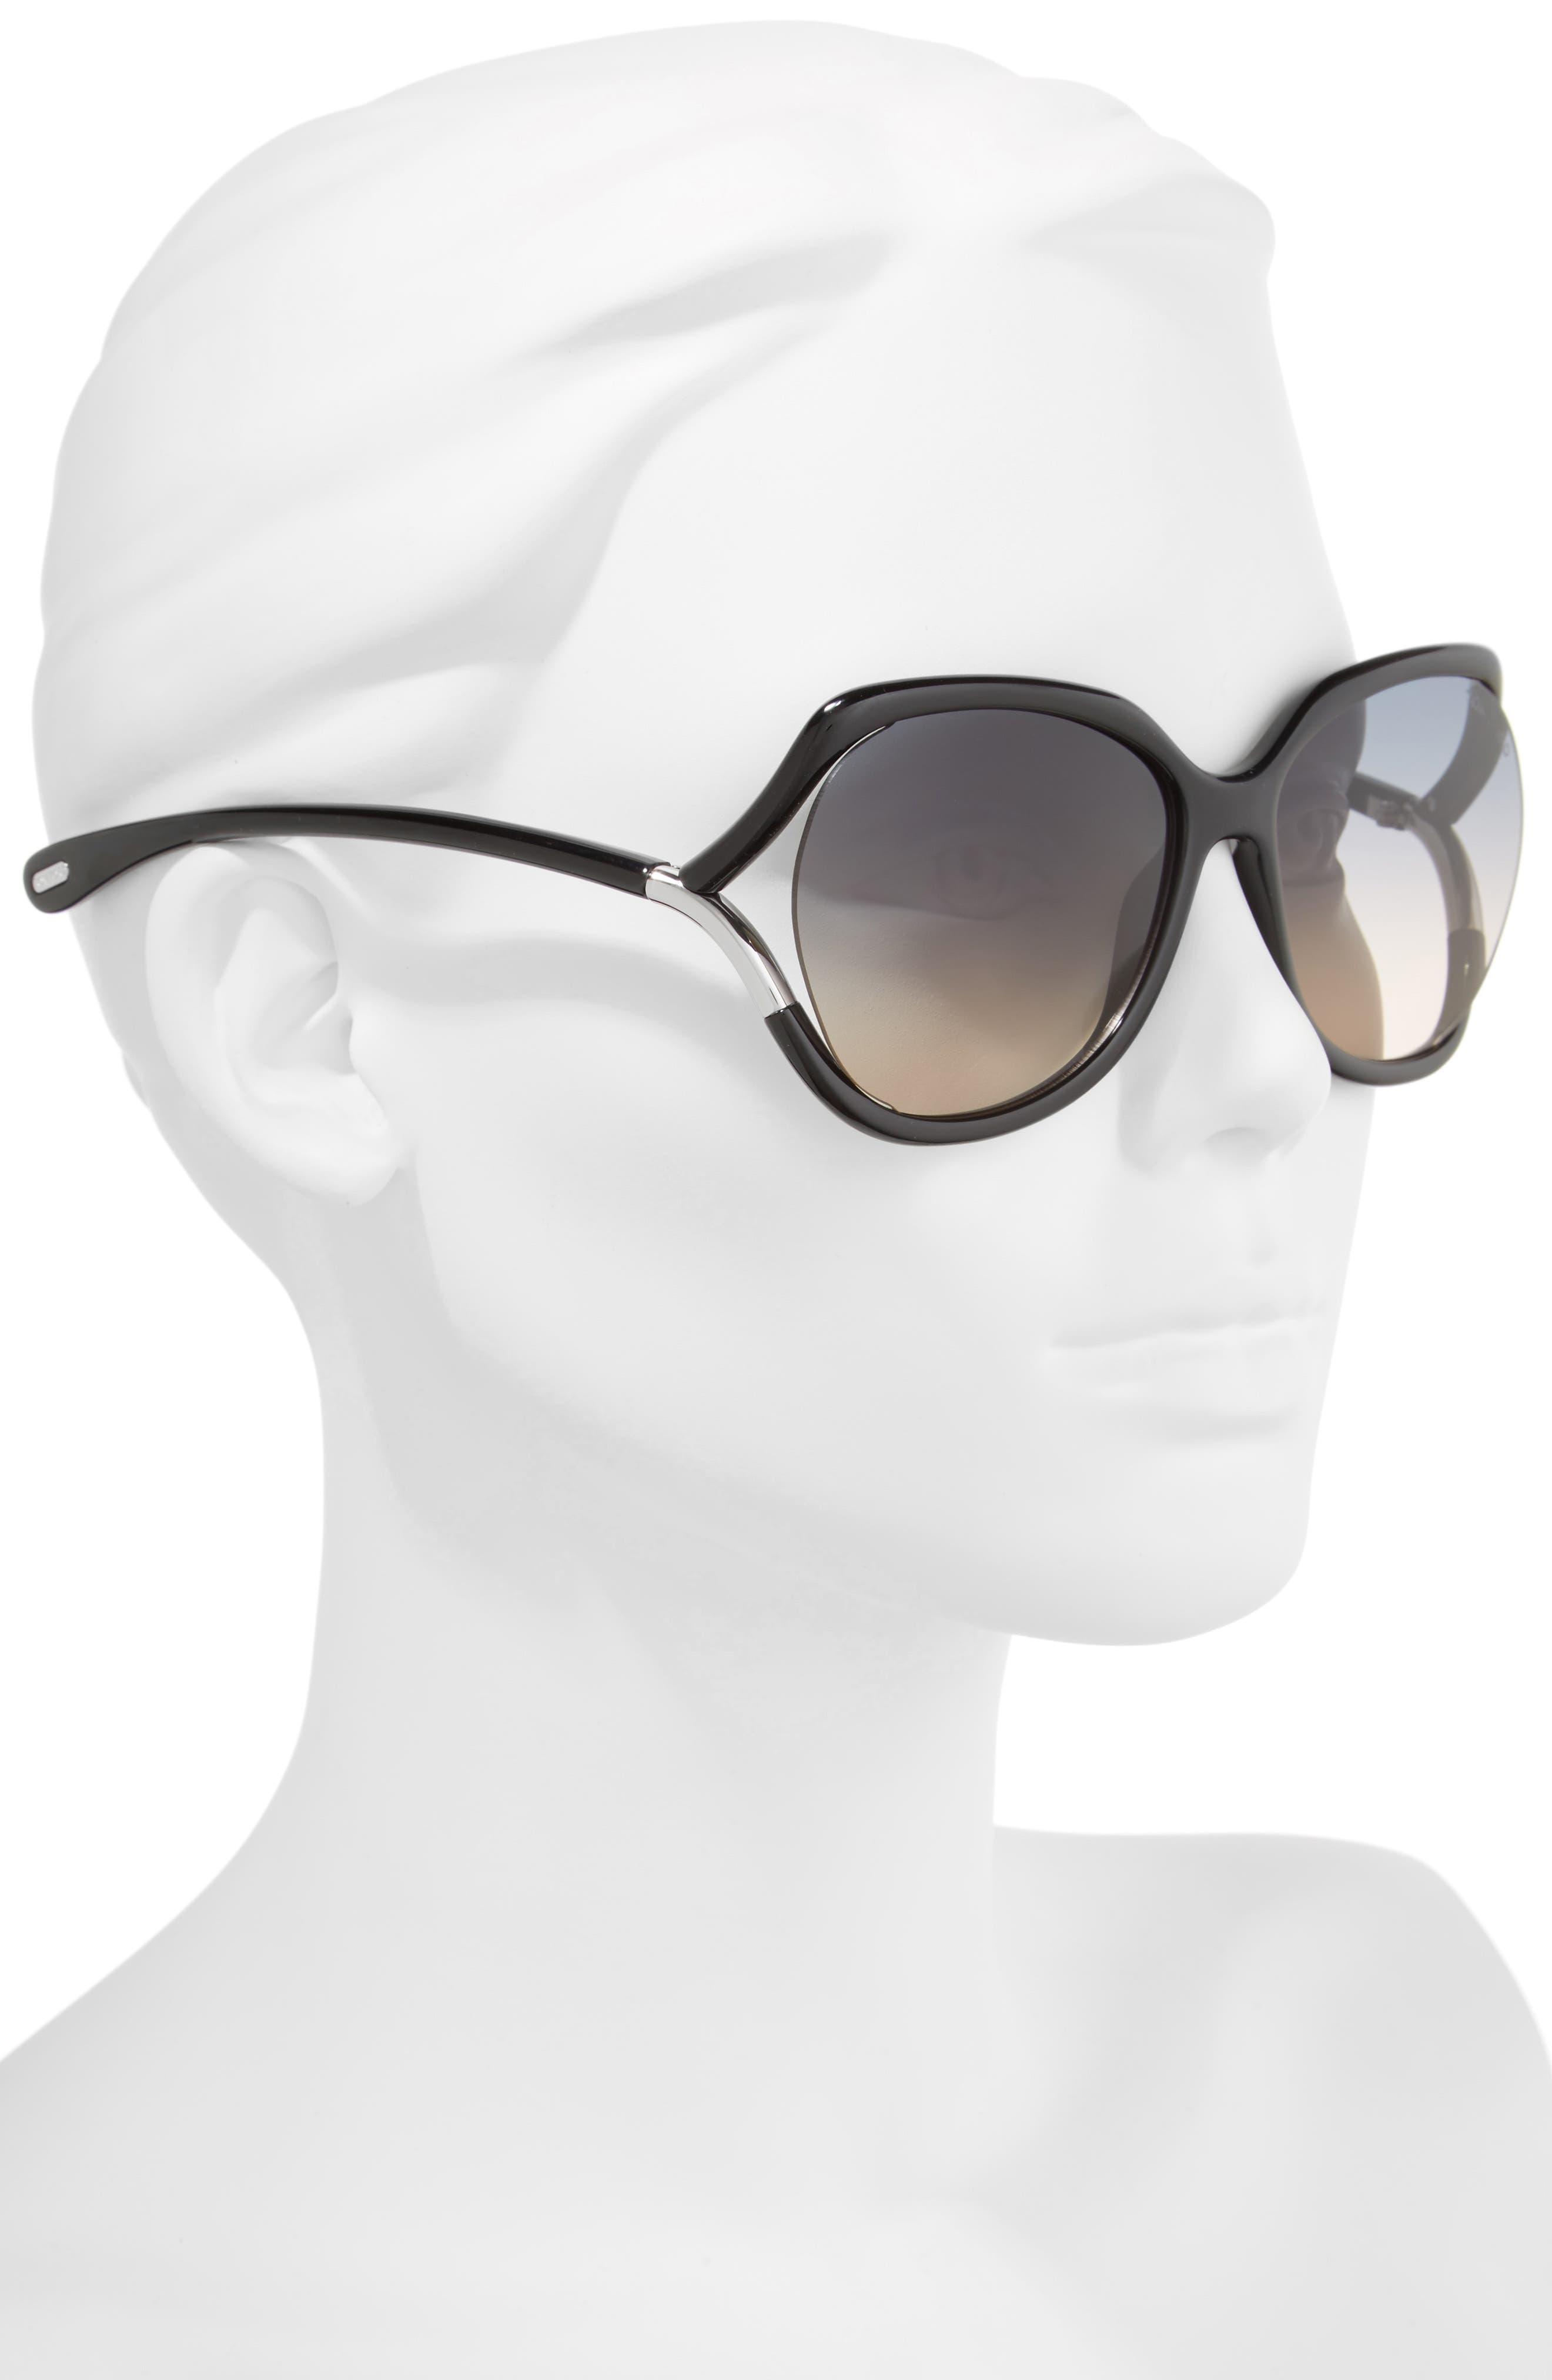 Anouk 60mm Geometric Sunglasses,                             Alternate thumbnail 2, color,                             BLACK/ GRADIENT SMOKE